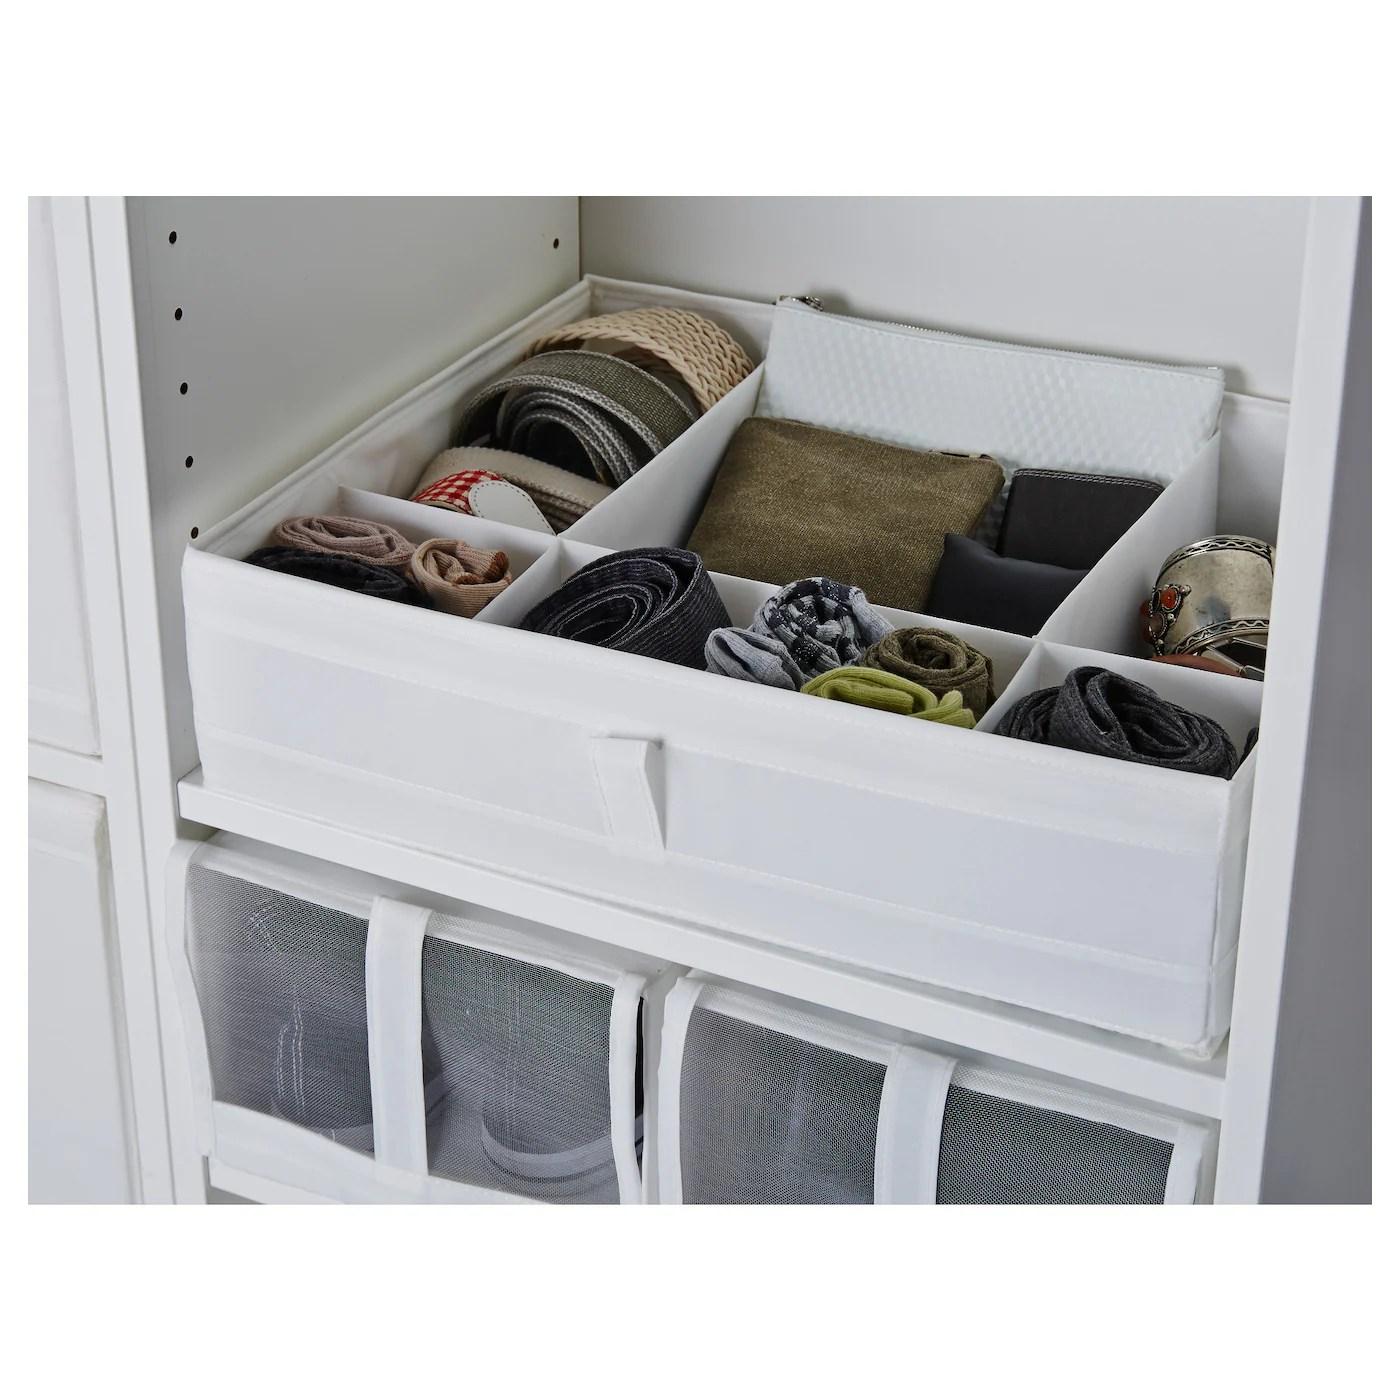 Skubb Boite A Compartiments Blanc 44x34x11 Cm Ikea Suisse